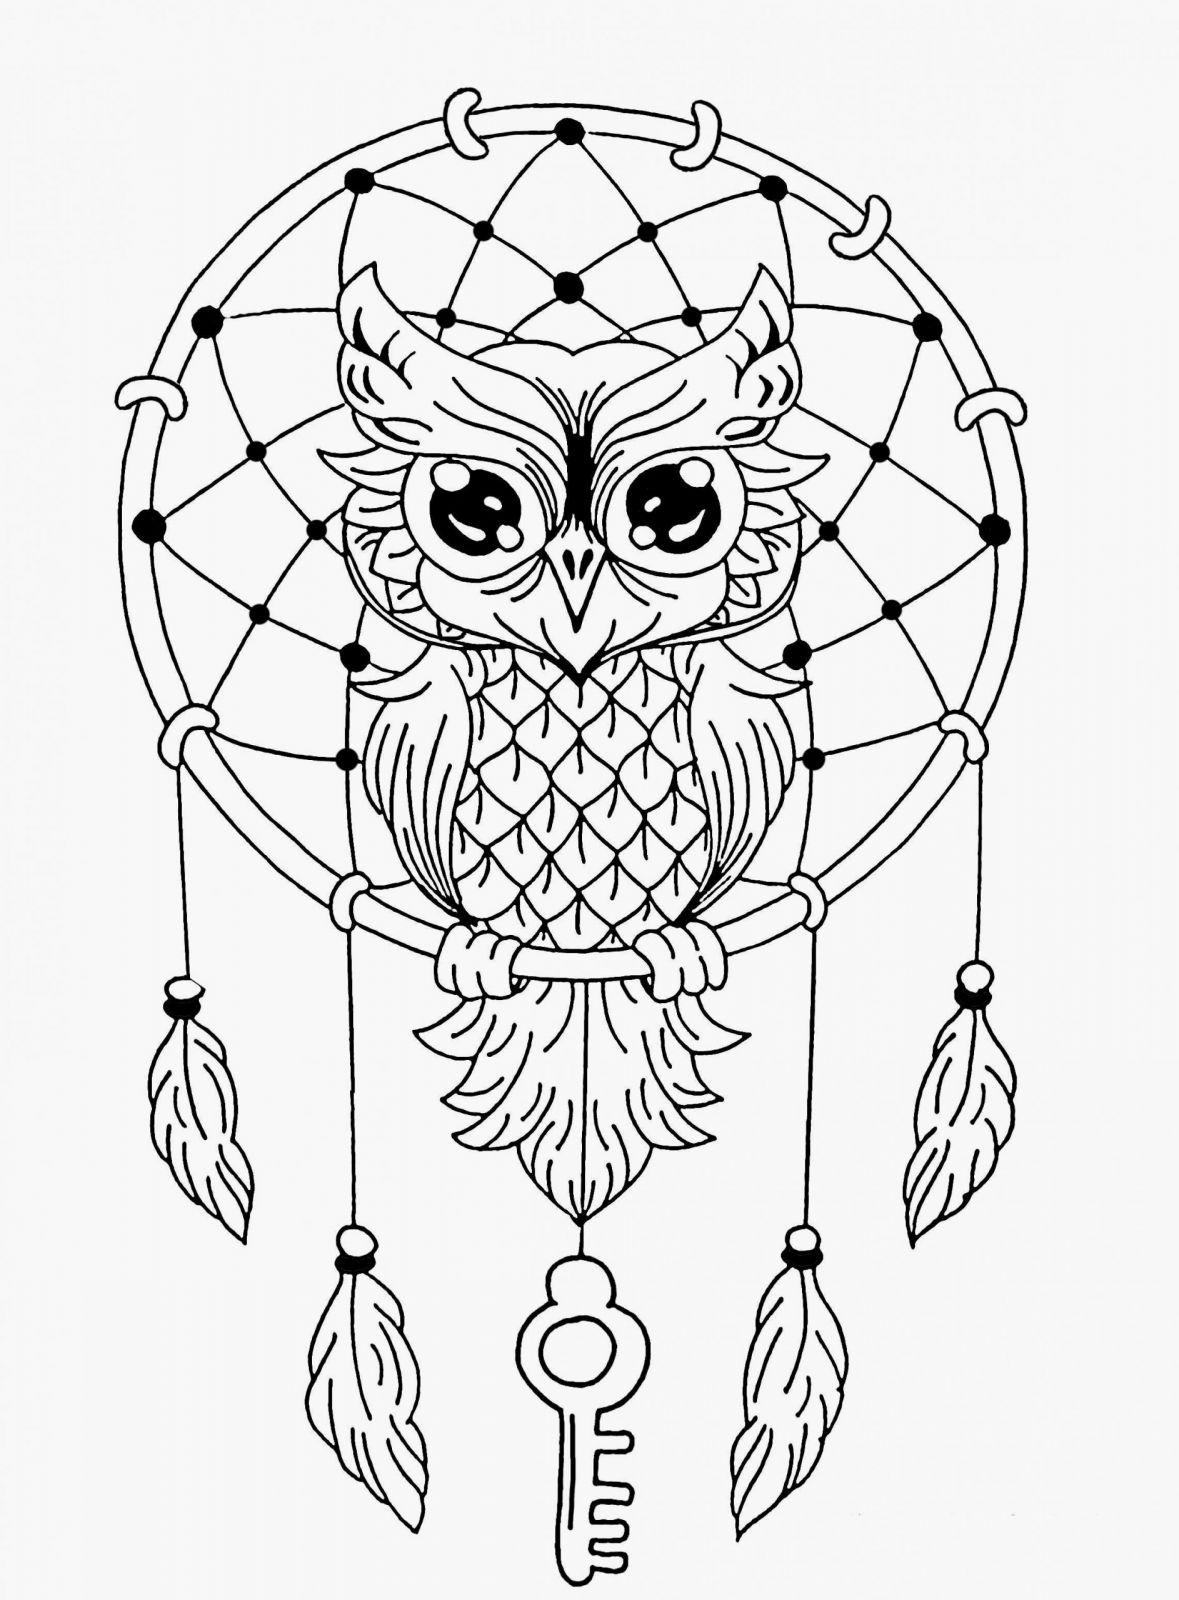 Coloriage Mandala Hiboux Facile | Coloriages À Imprimer Gratuits tout Dessin Hibou Facile